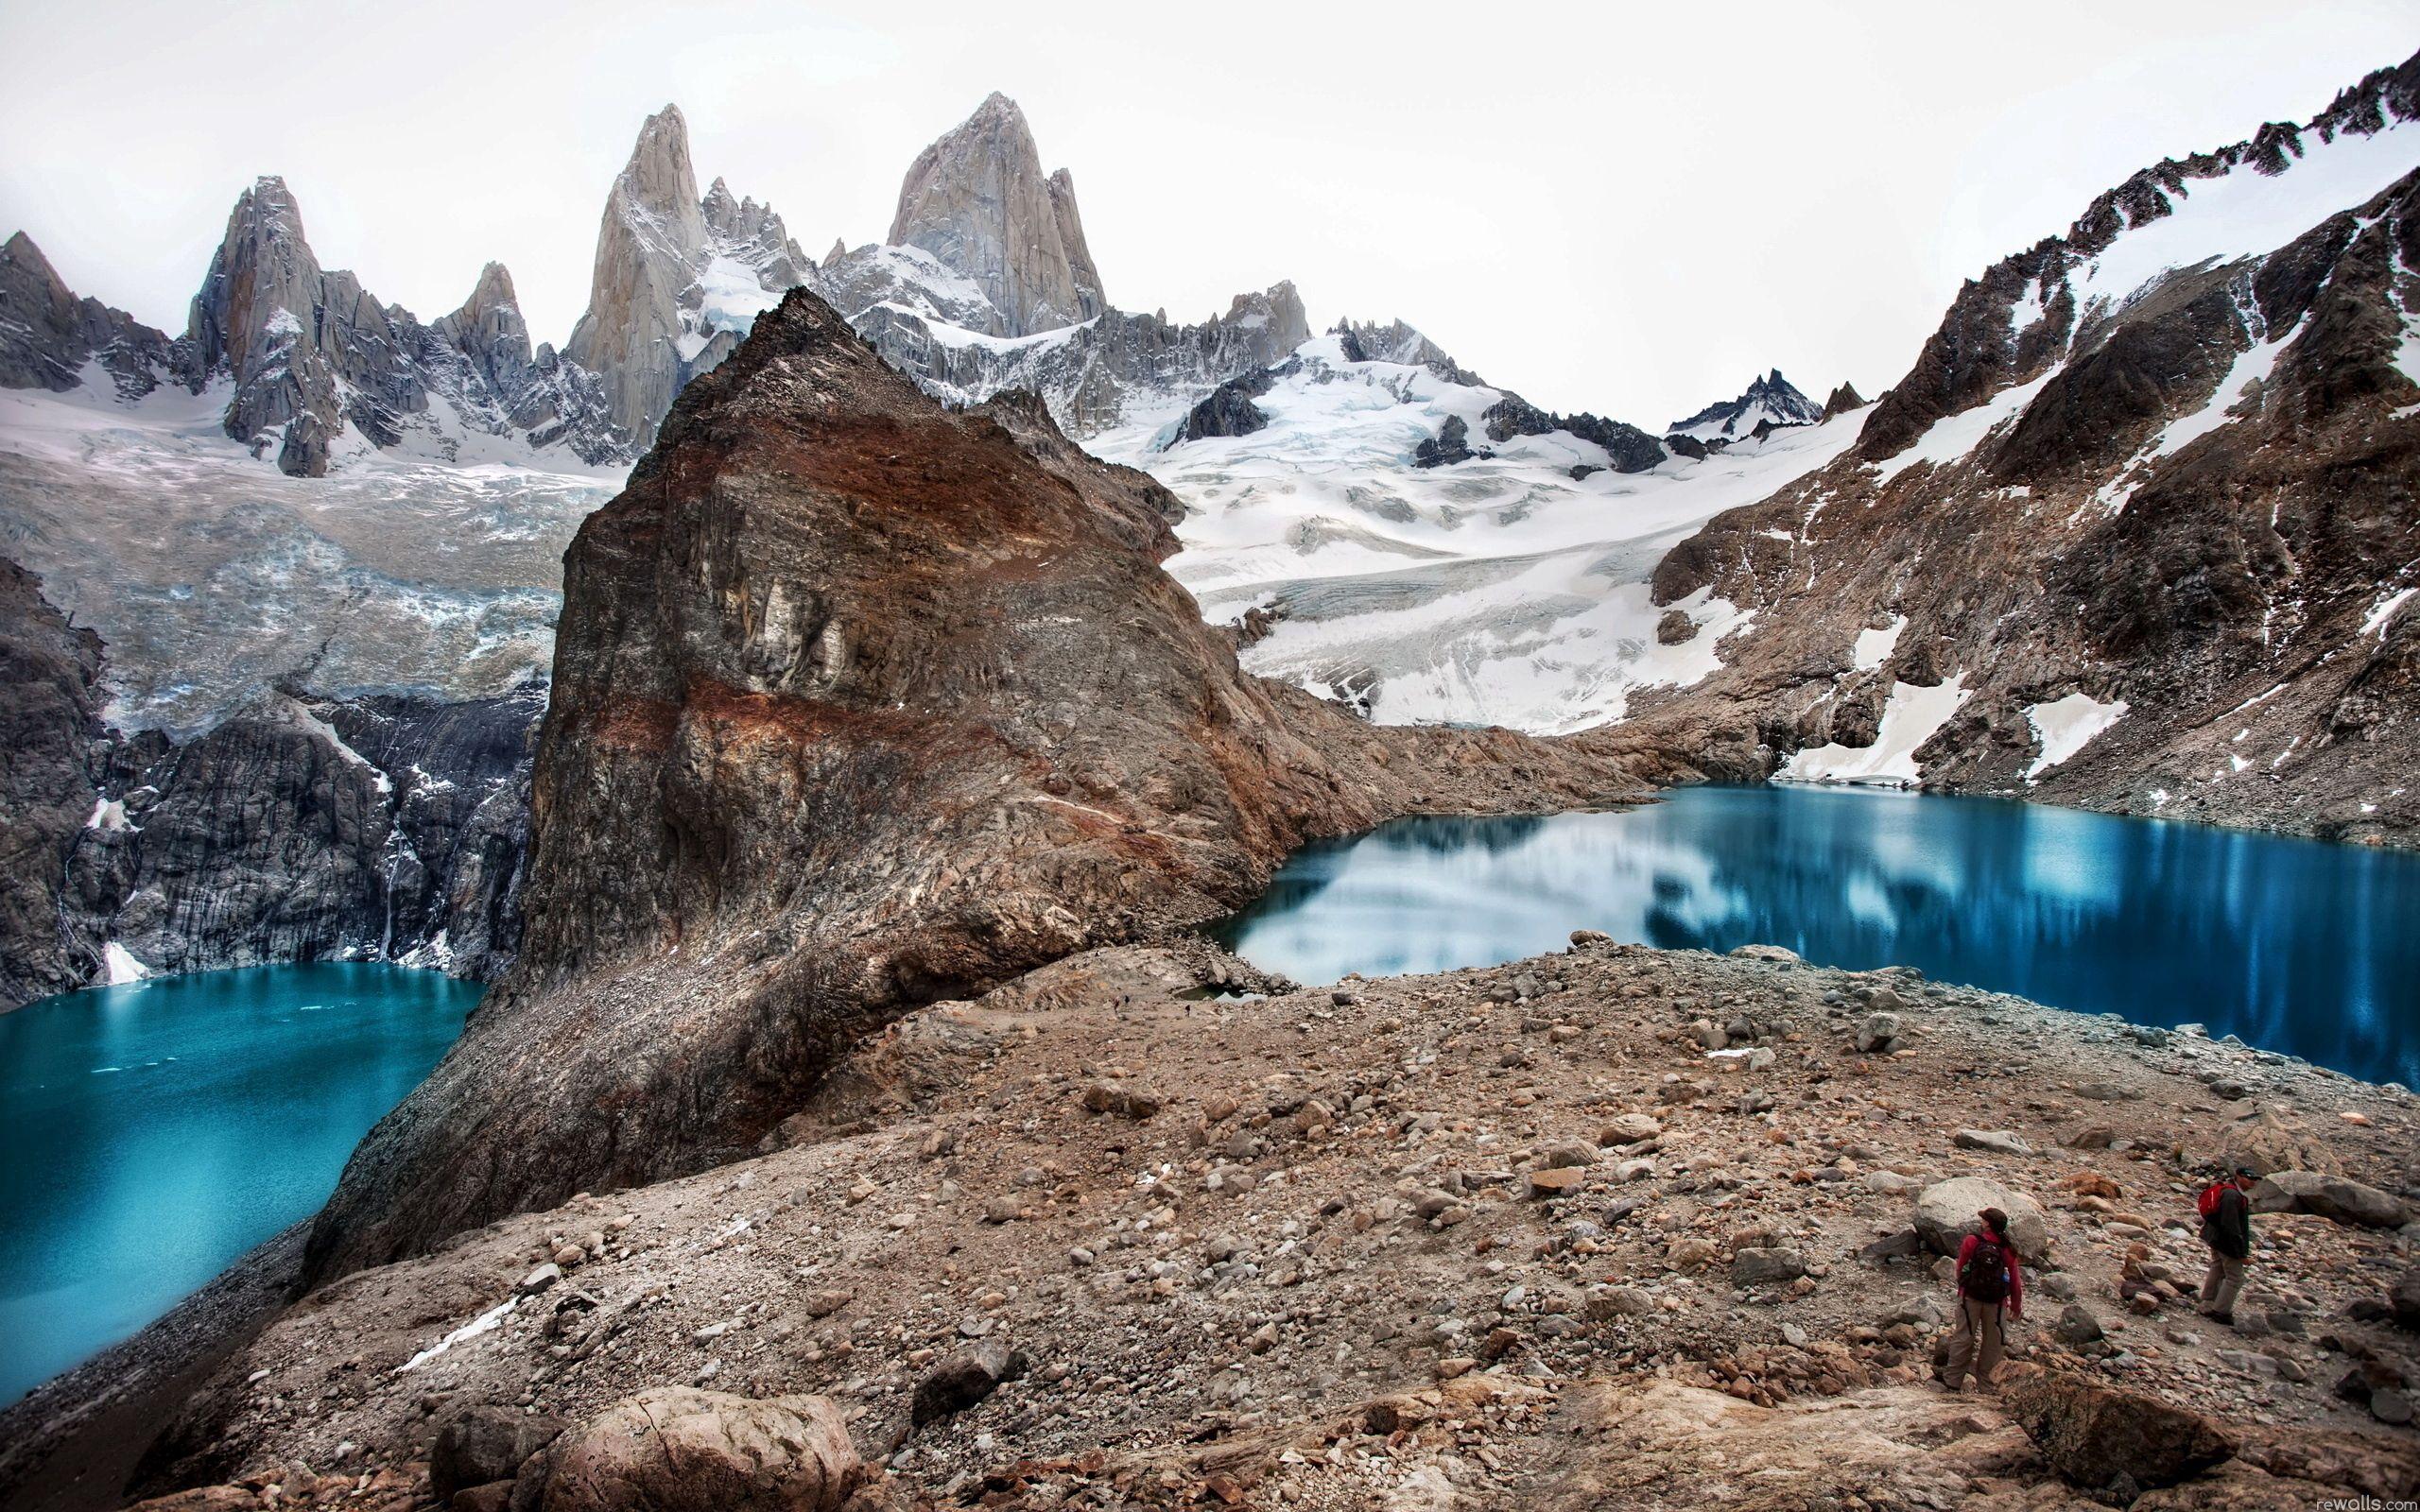 127579 Заставки и Обои Озера на телефон. Скачать Озера, Природа, Горы, Свежесть, Альпинисты картинки бесплатно